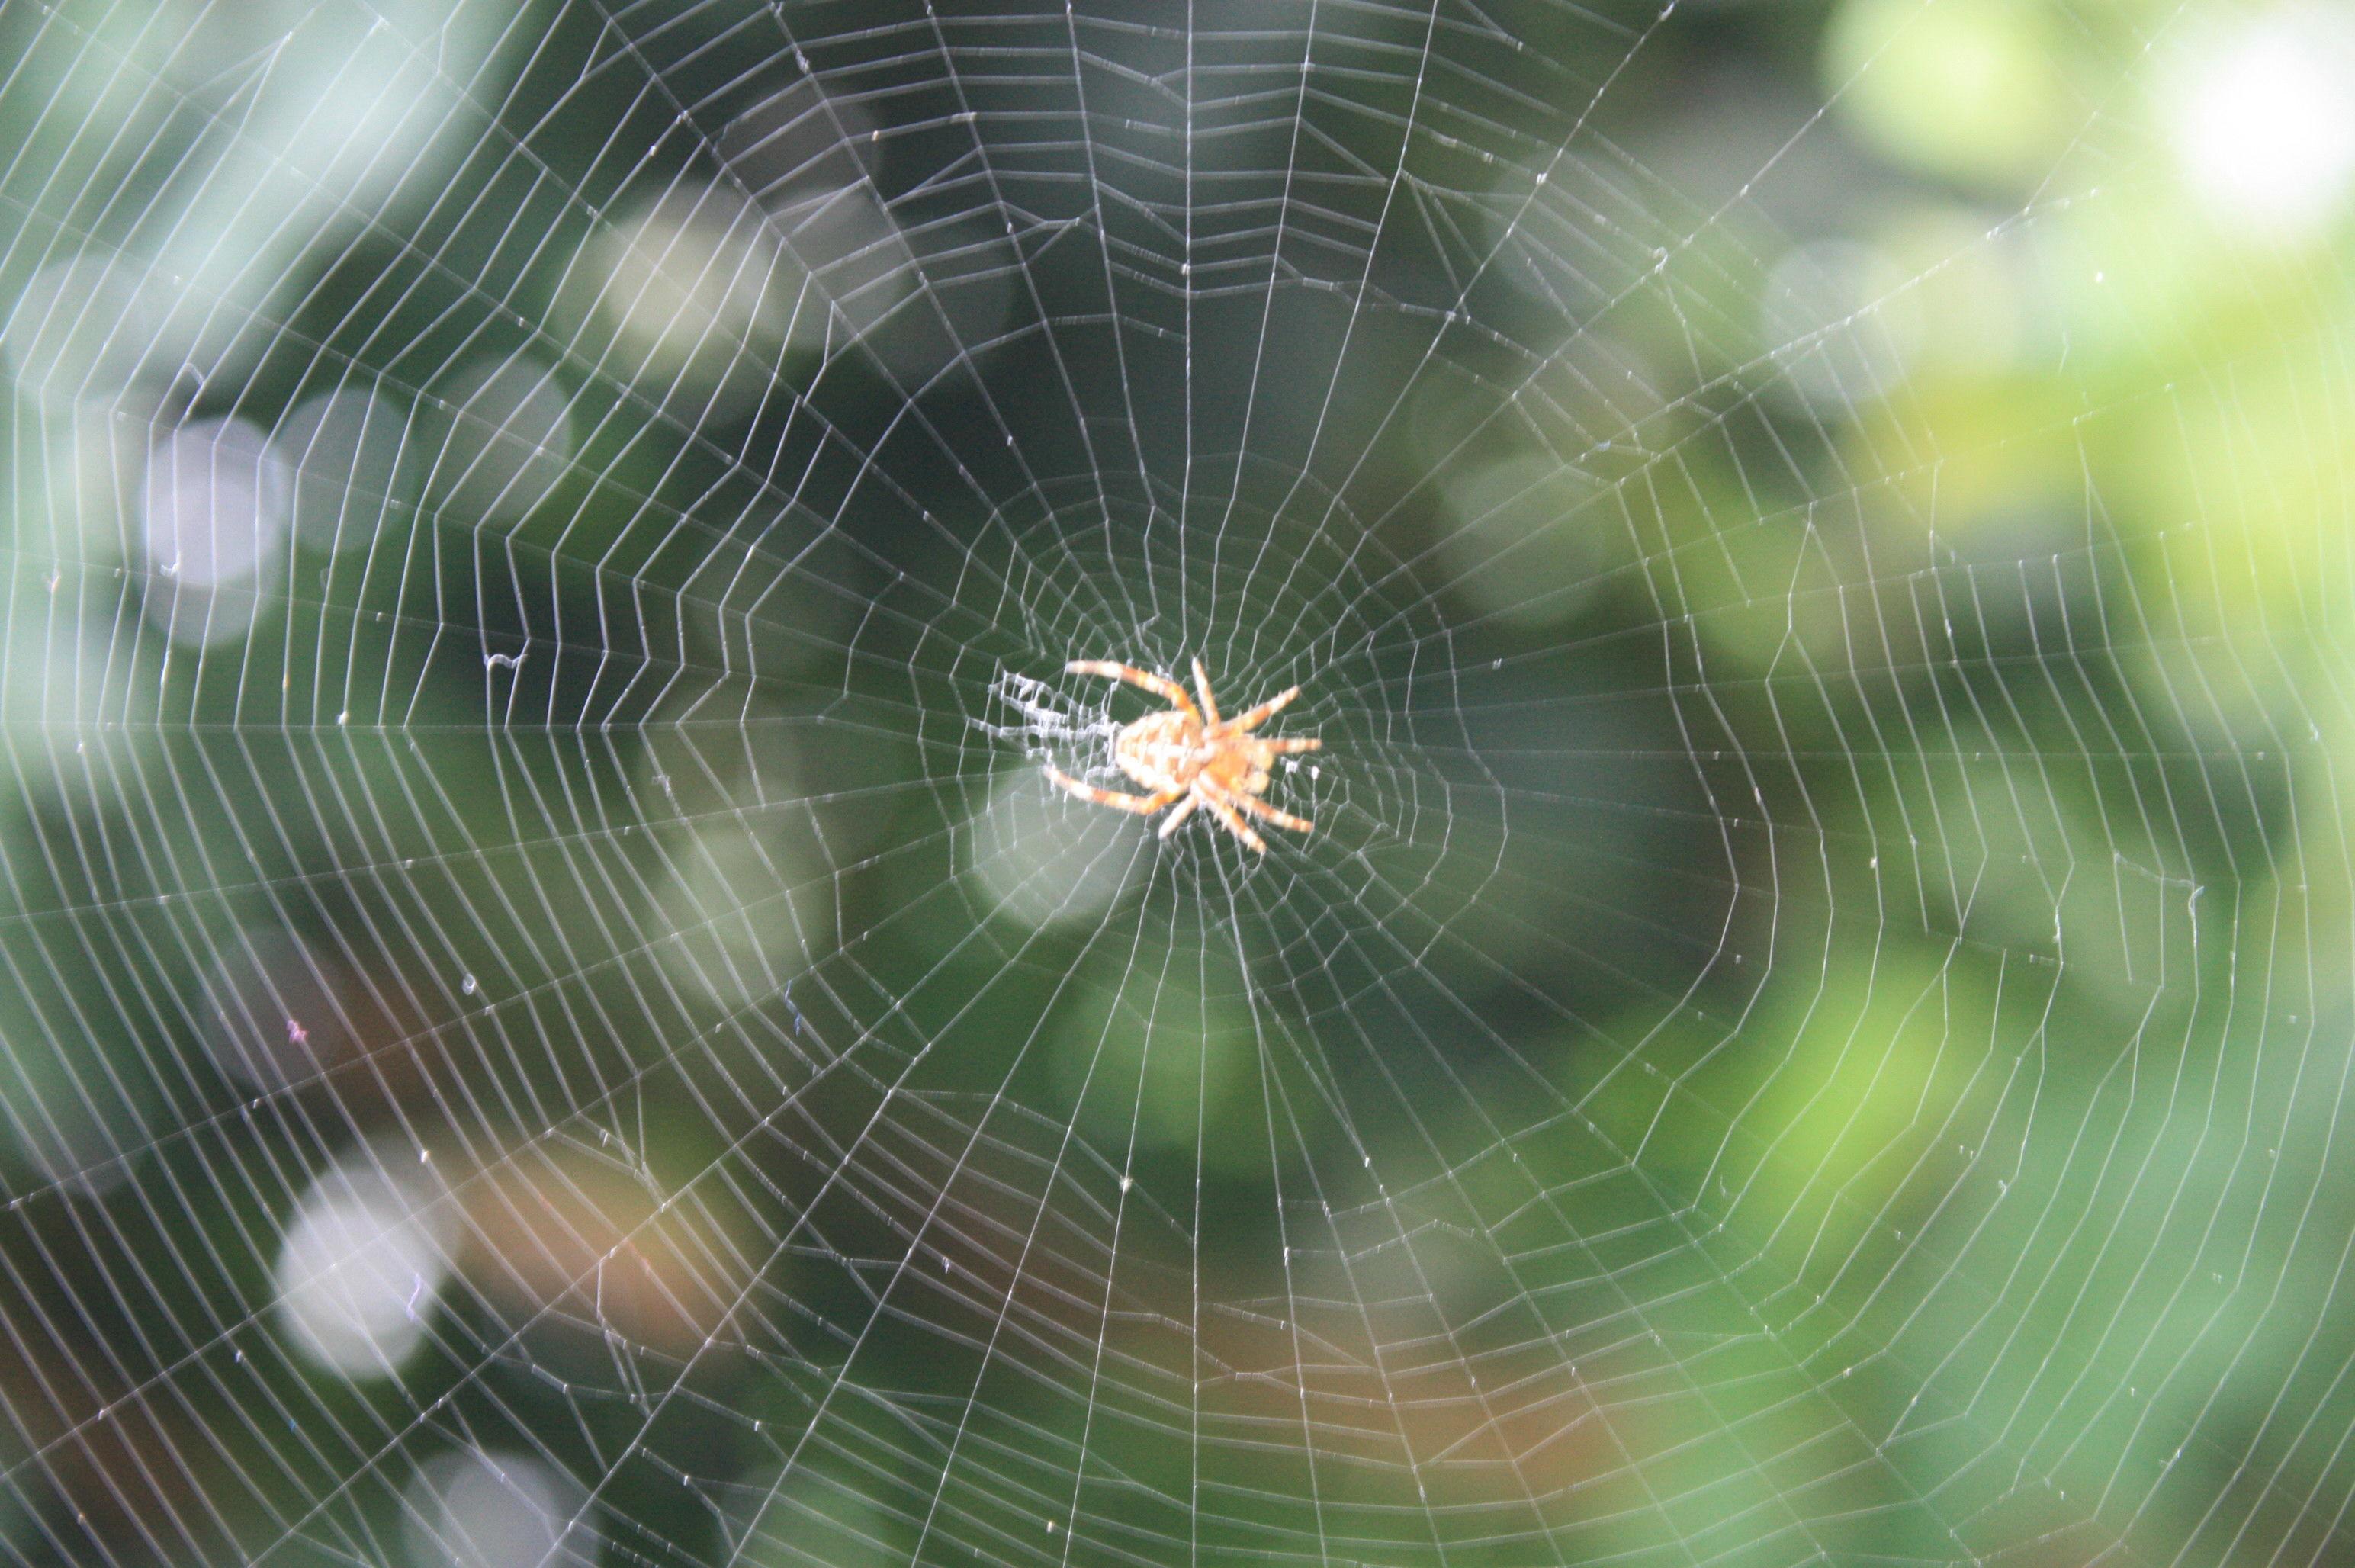 çrümcek ağı, spider web